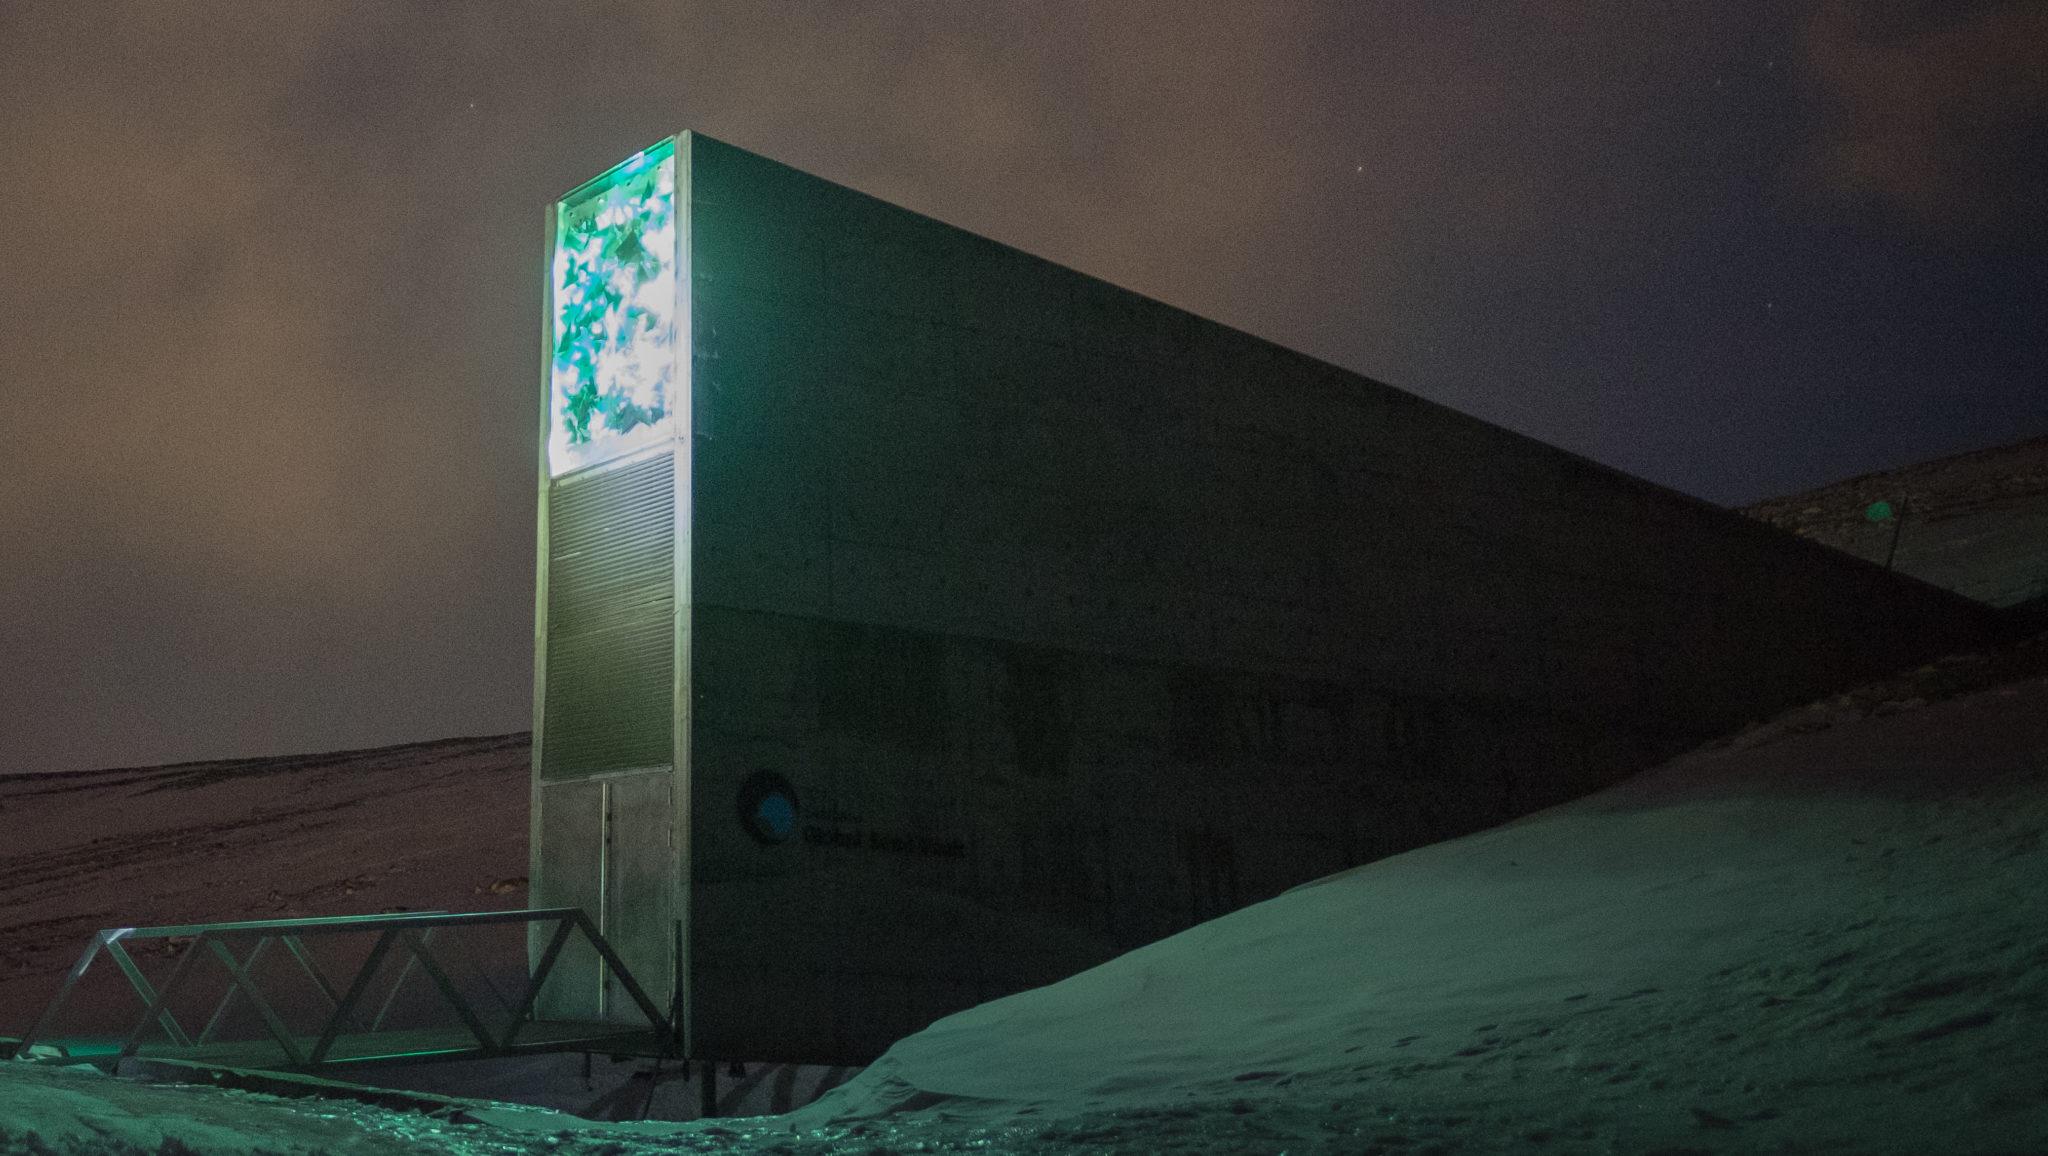 Der Eingang zum internationalen Samentresor in Svalbard: Tief im Permafrost der nordnorwegischen Insel befindet sich der Global Seed Vault.